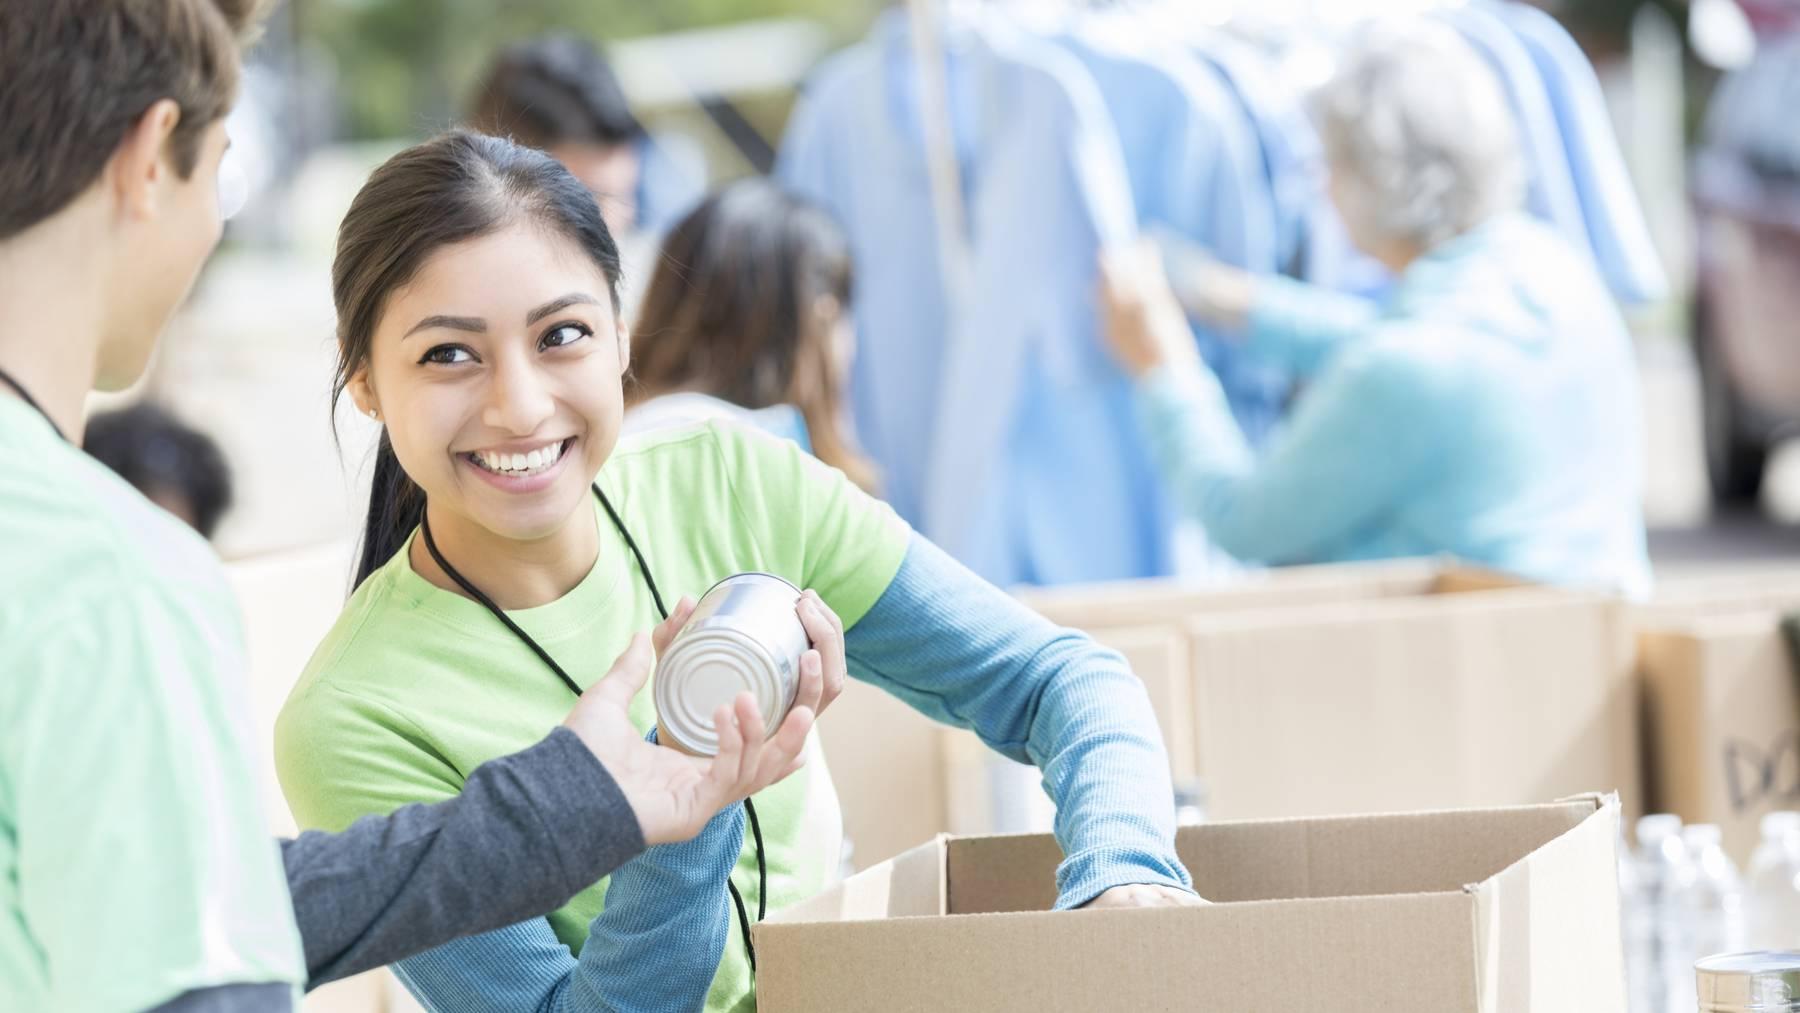 Freiwilligenarbeit leisten ist nur eines der 25 Dinge, die gemäss der Liste den Charakter stärken.